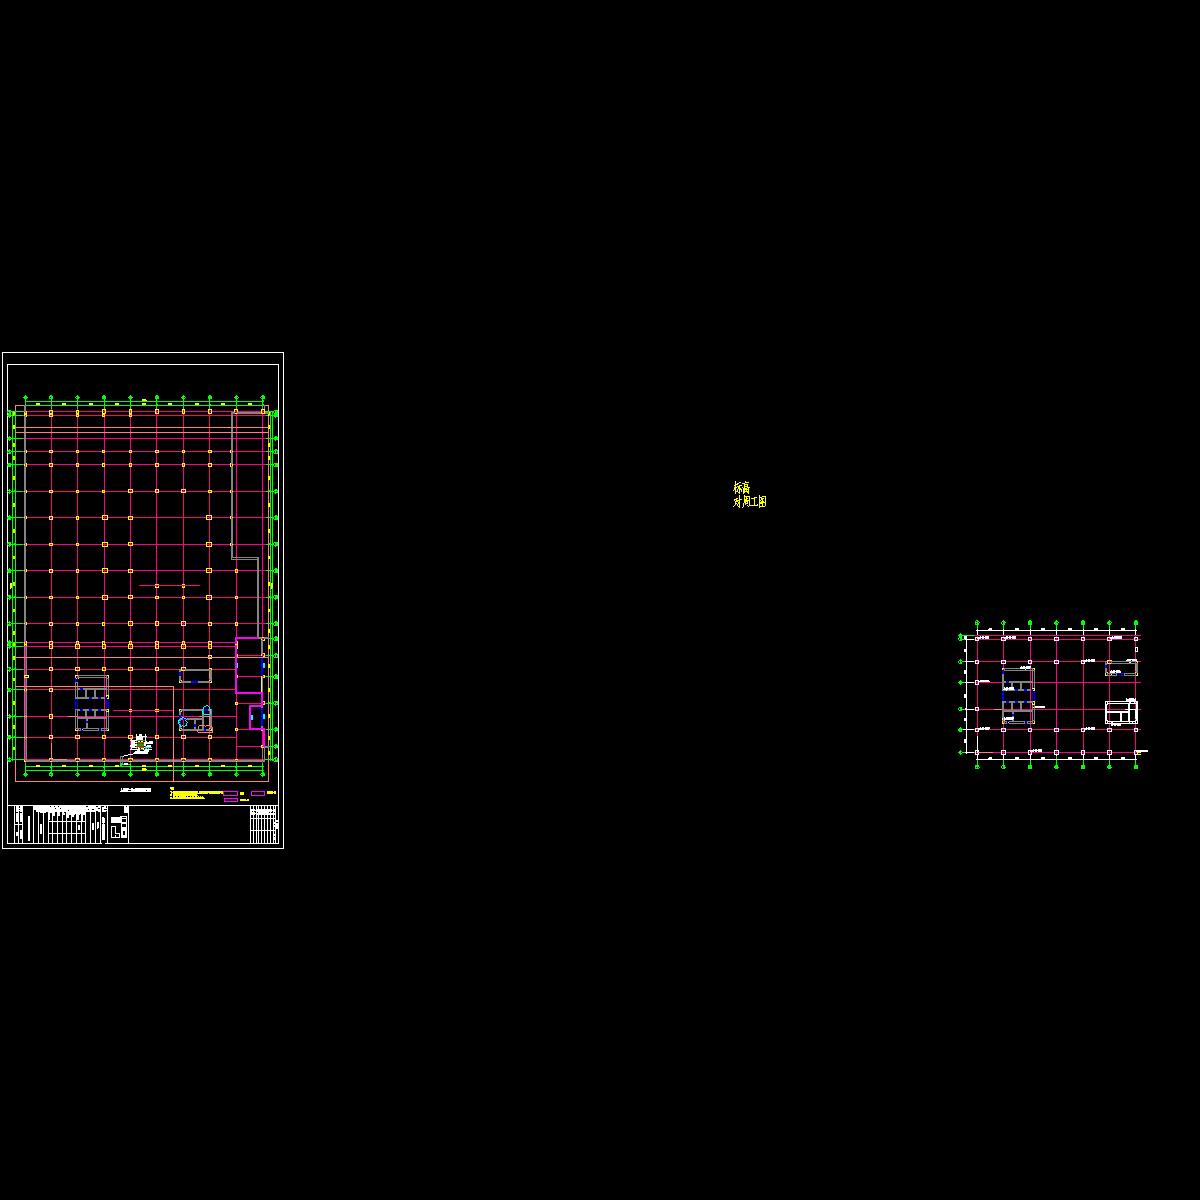 结施-44-a区地下一层~屋顶层墙柱平面图.dwg